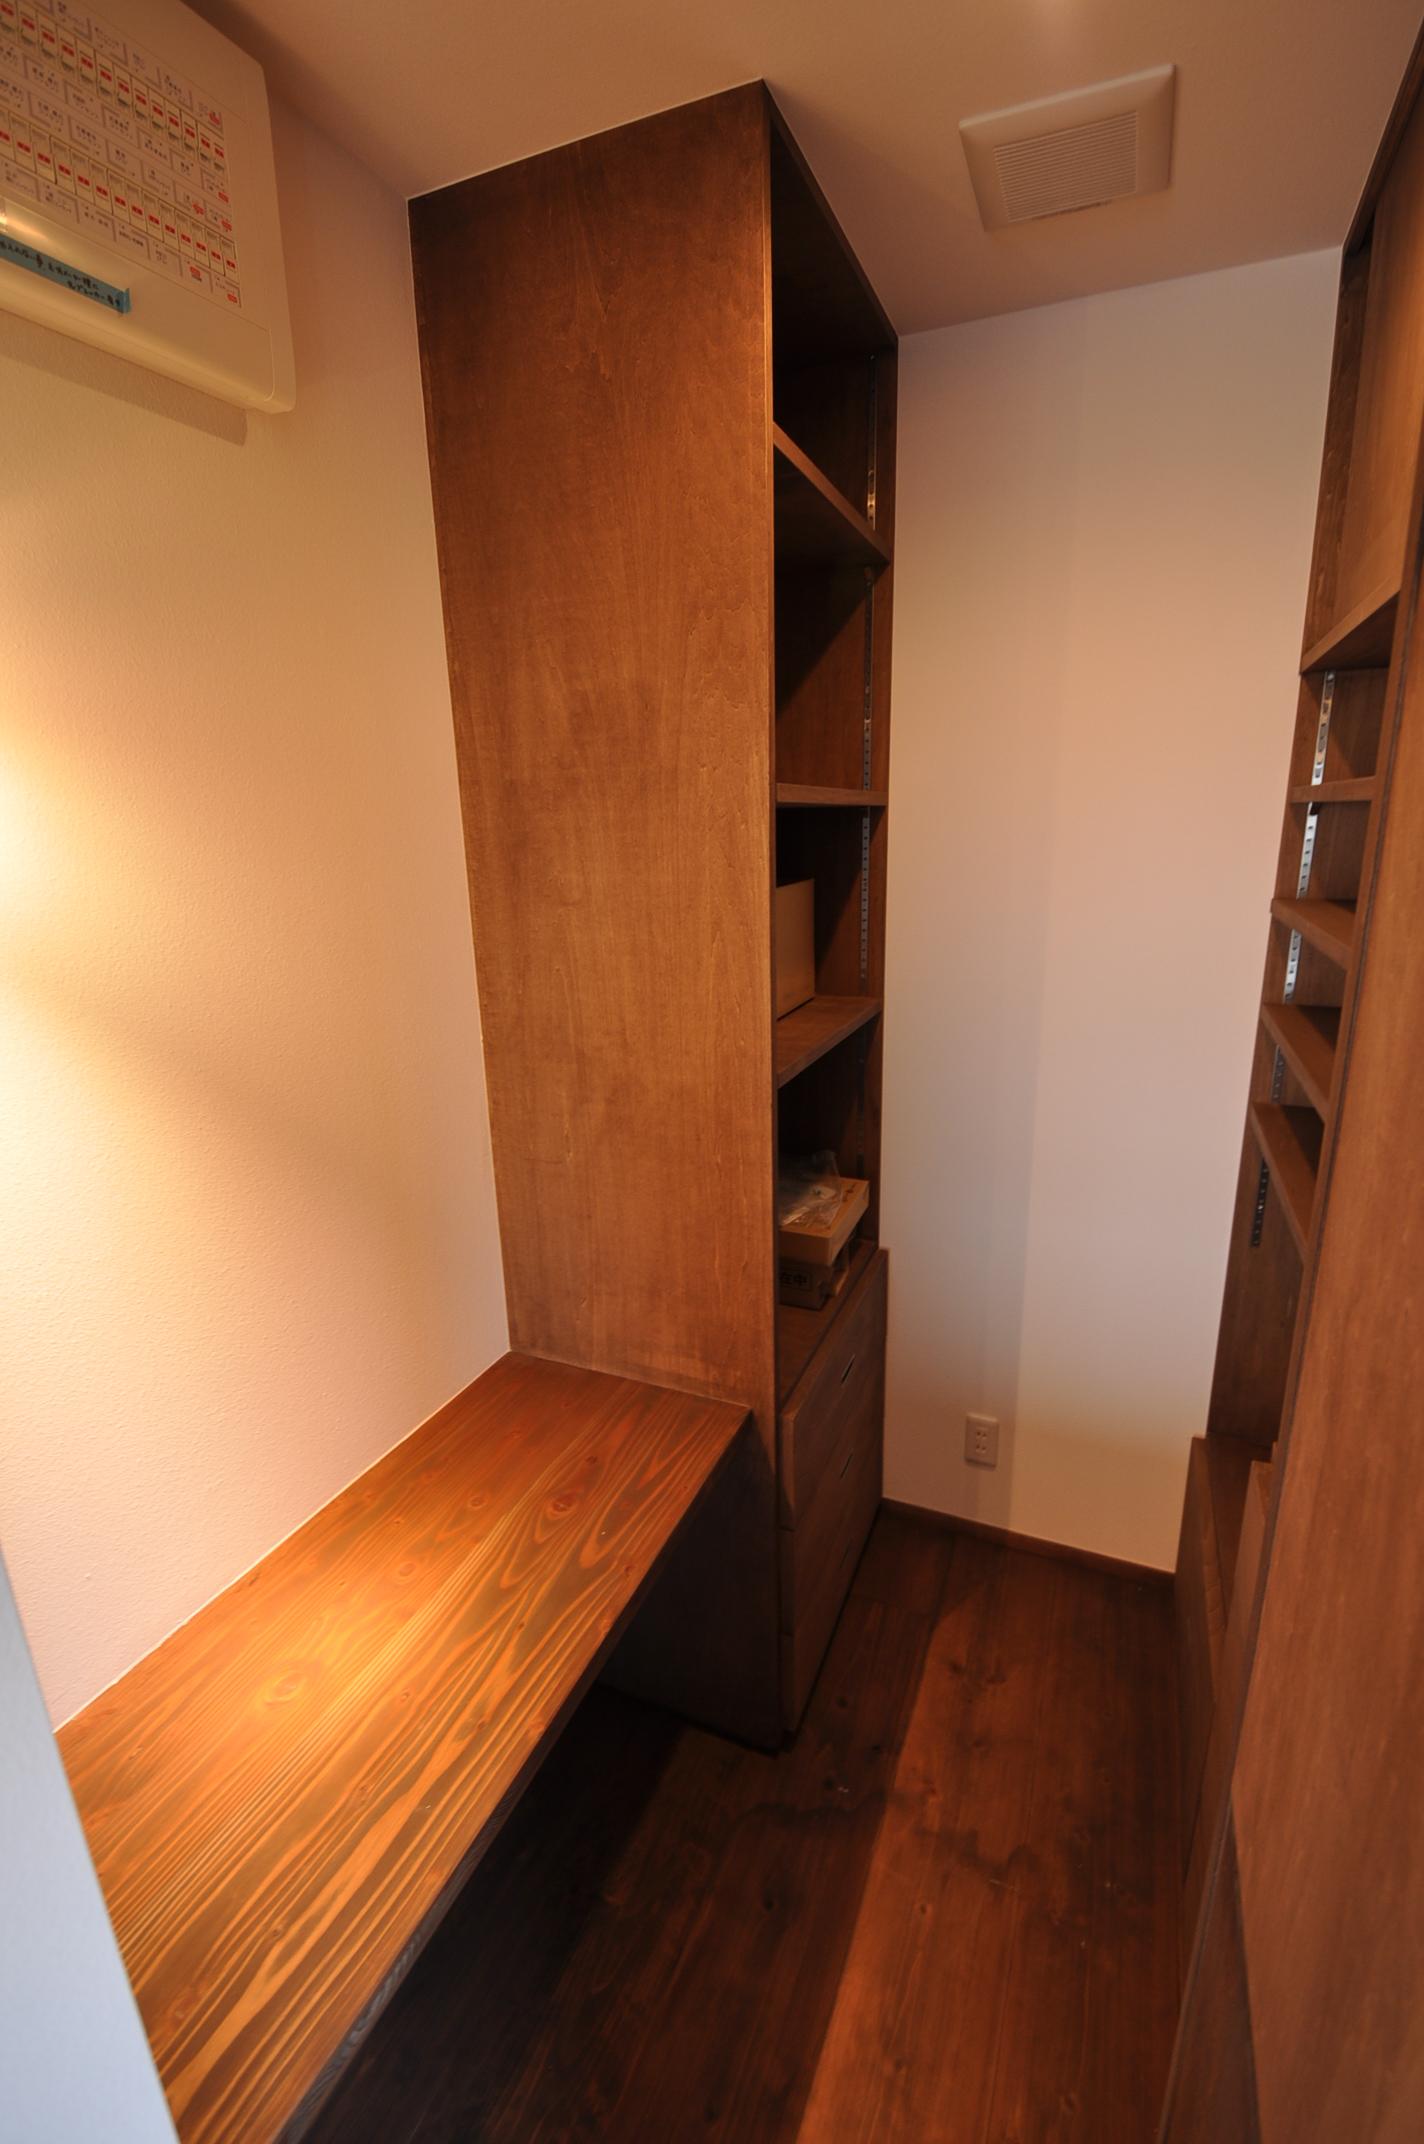 加藤忠男(加藤建築)【デザイン住宅、建築家、インテリア】パントリーには奥さまの家事室としての使用も想定し、カウンターを設えた